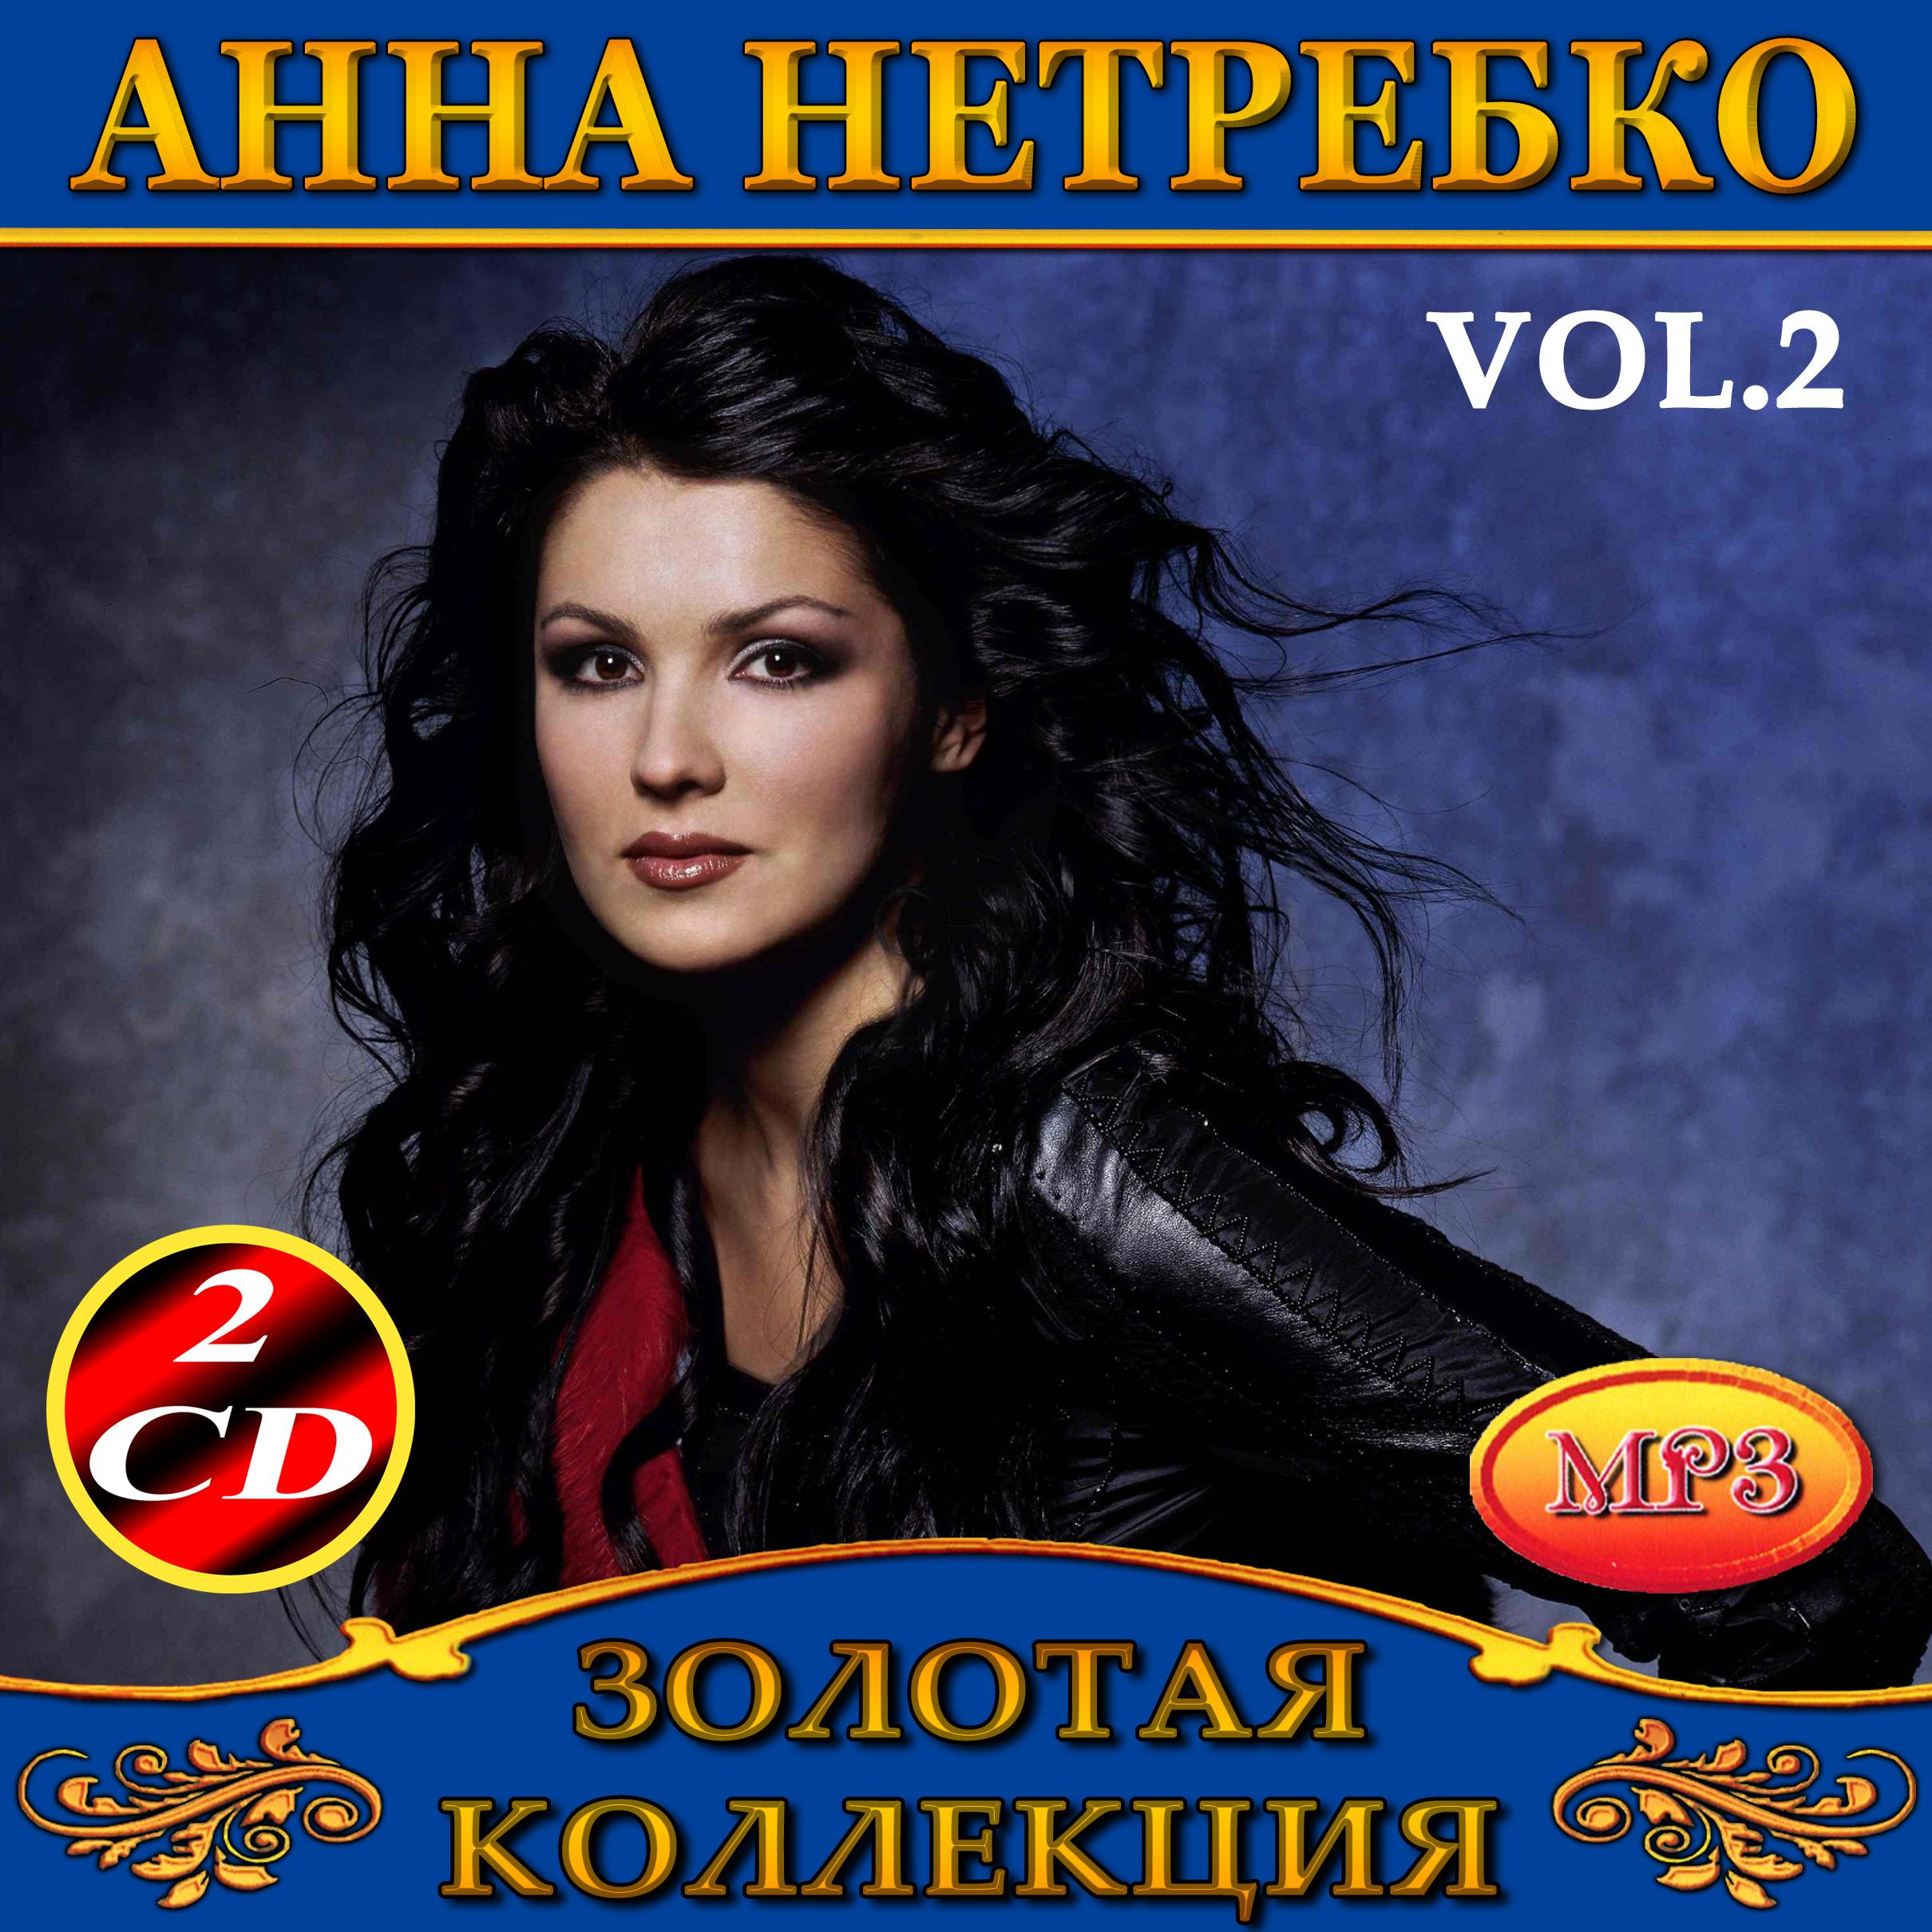 Анна Нетребко 2ч2cd [mp3]